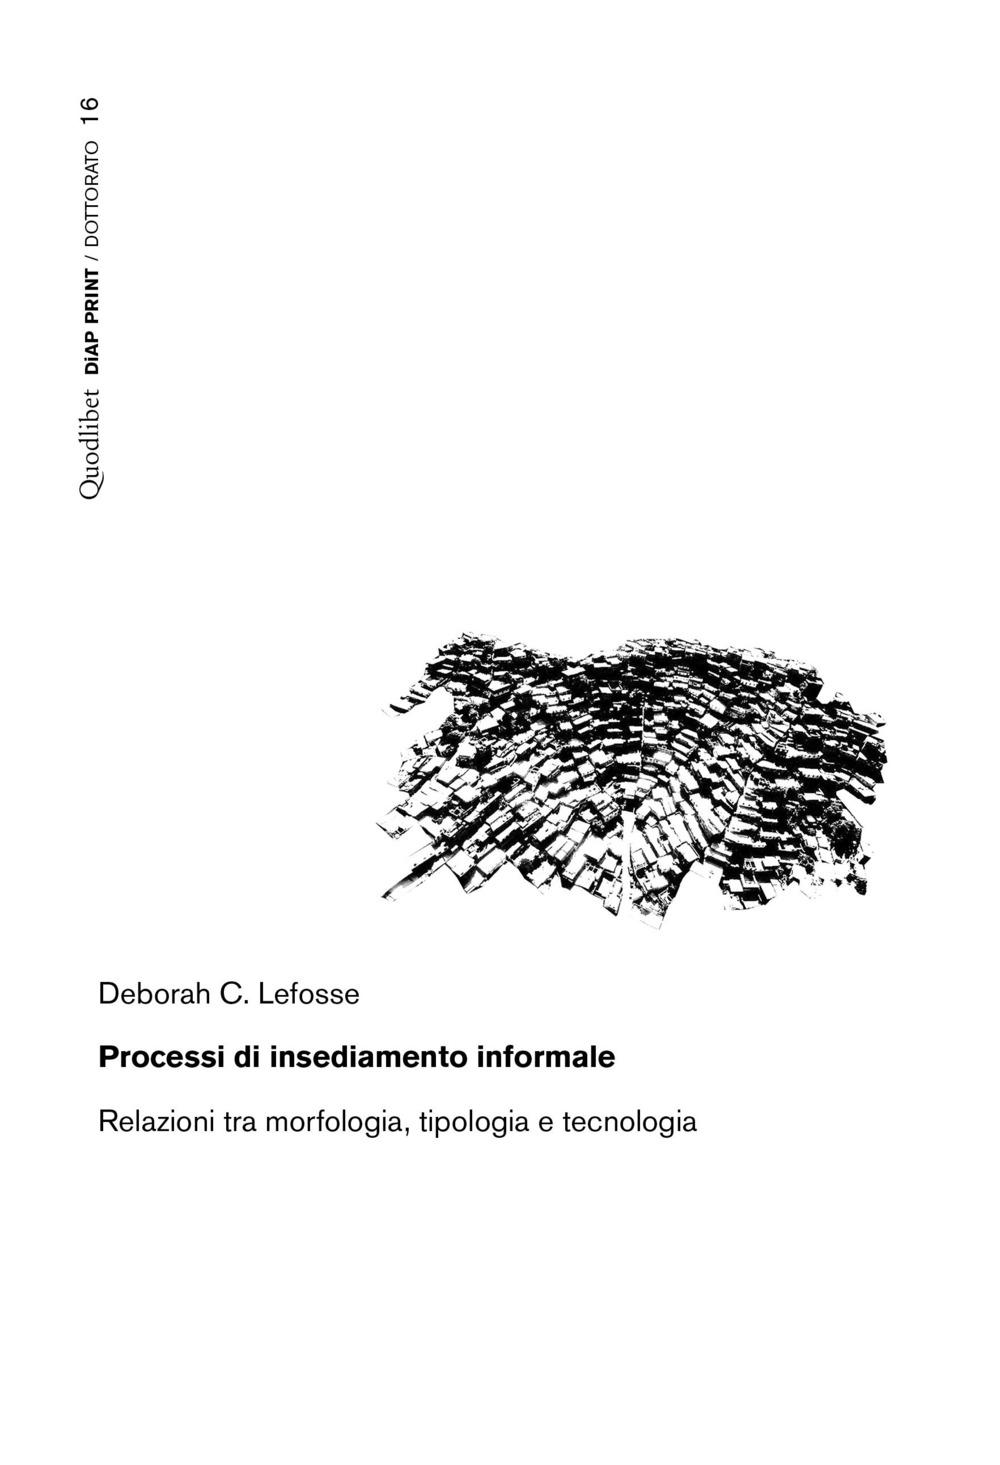 PROCESSI DI INSEDIAMENTO INFORMALE. RELAZIONI TRA MORFOLOGIA, TIPOLOGIA E TECNOLOGIA